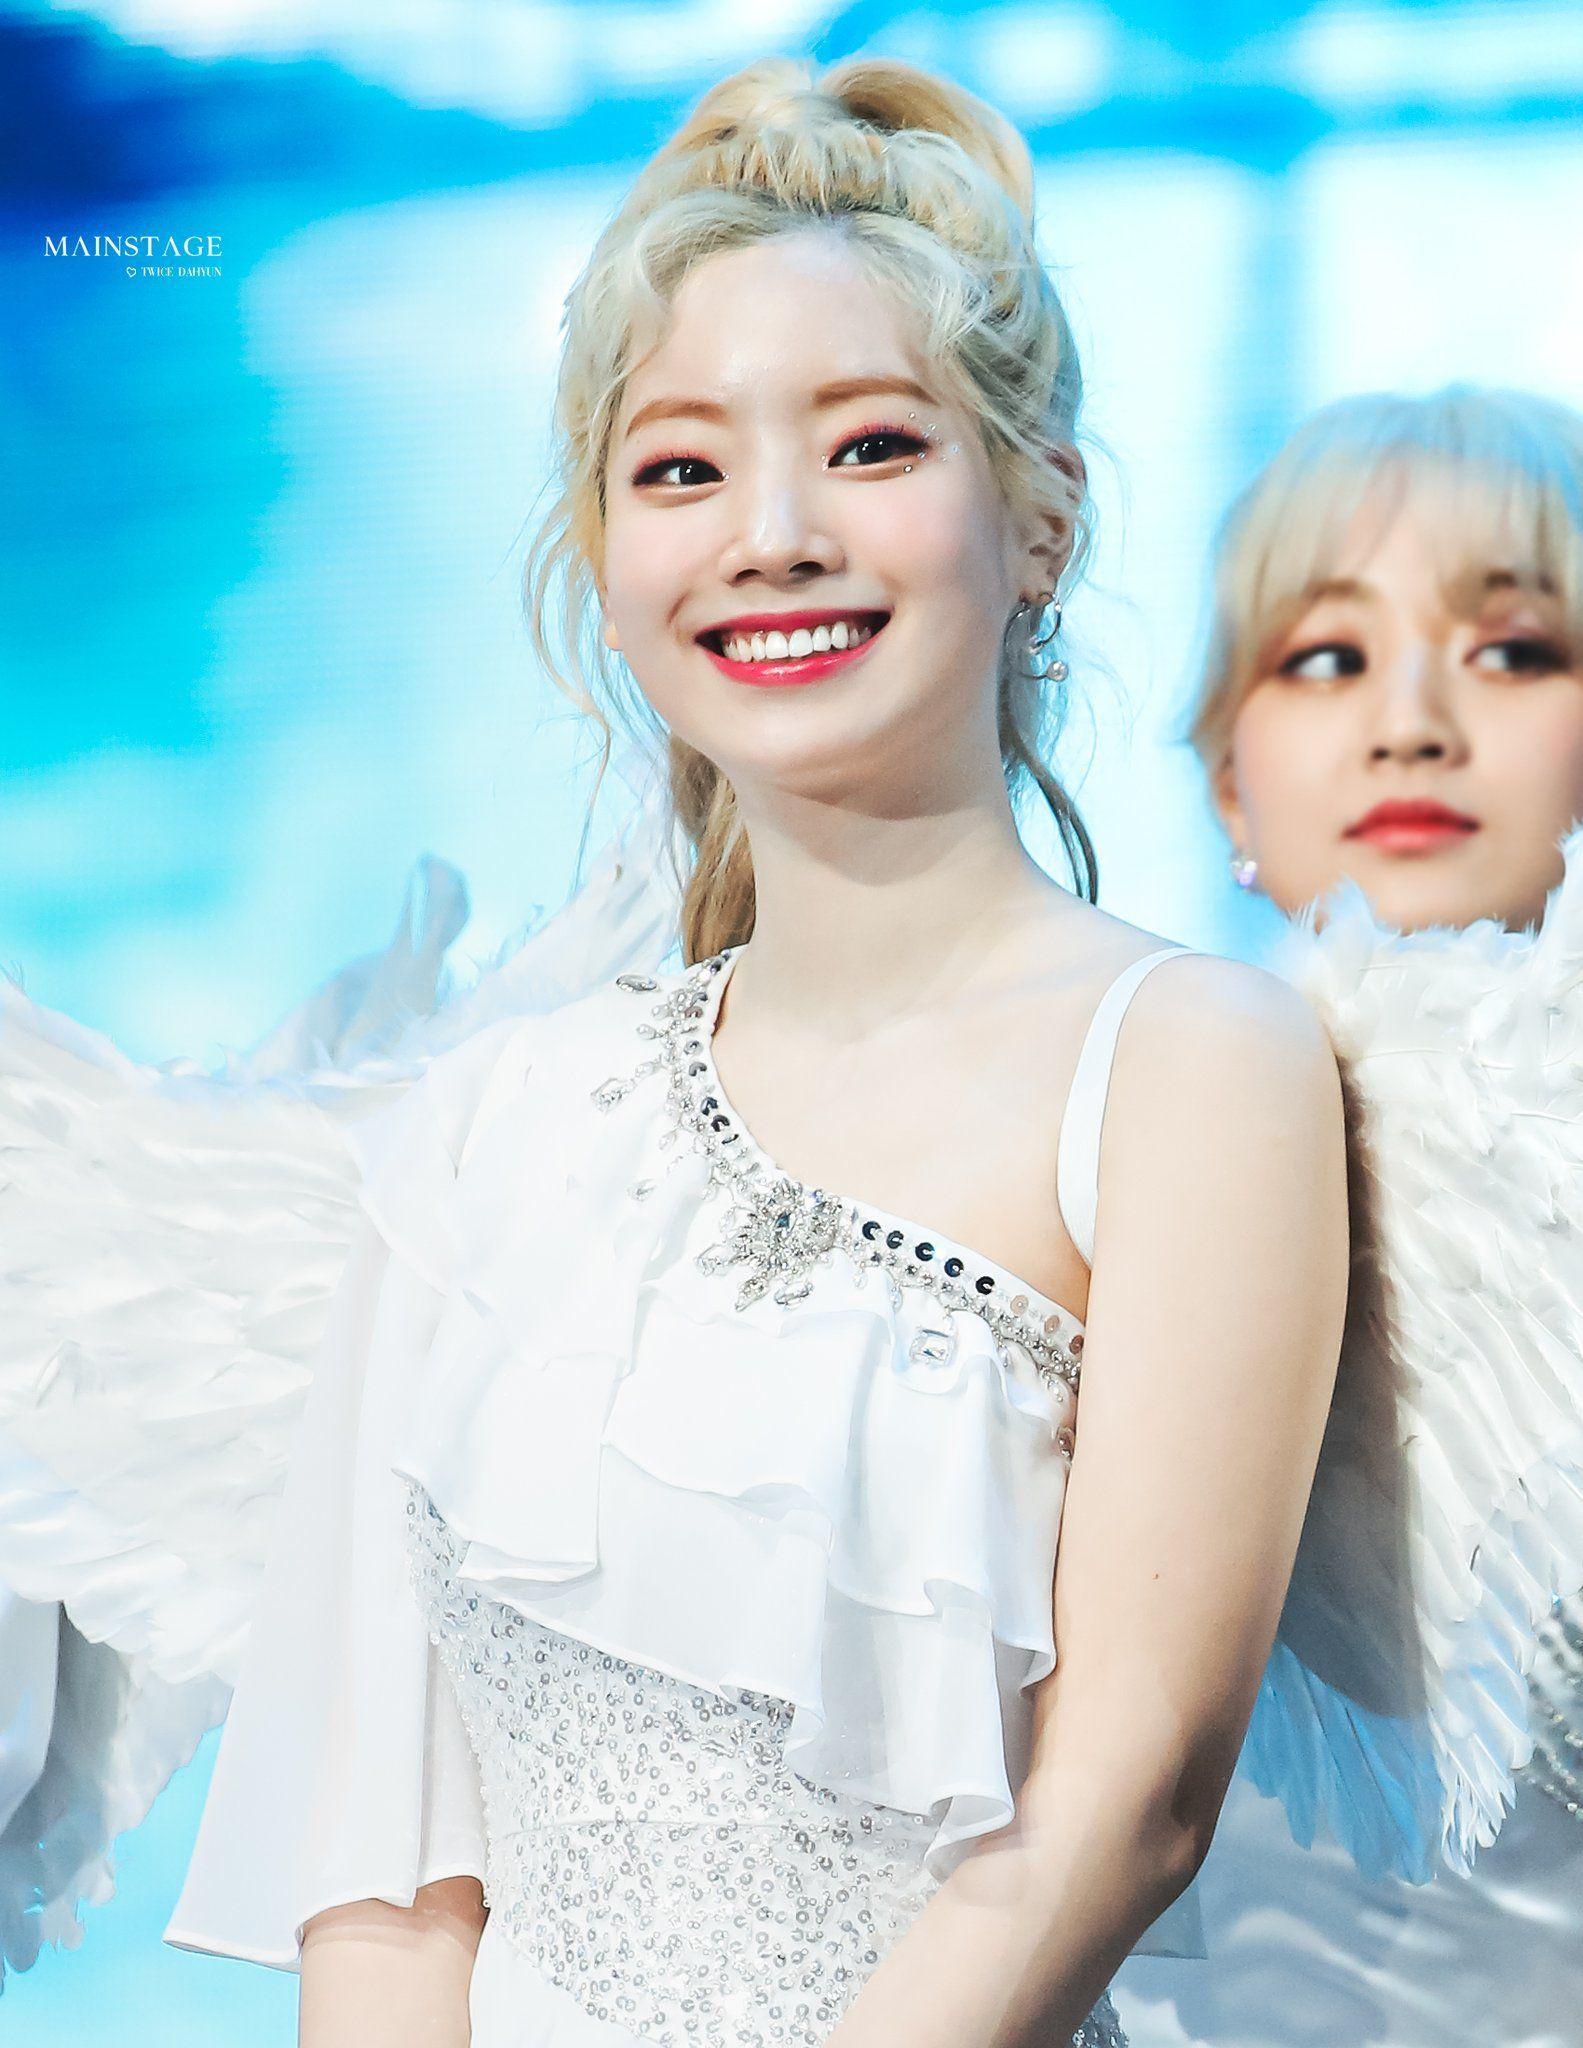 Mʌinstʌge On Twitter Korean Beauty Girl Flower Girl Dresses